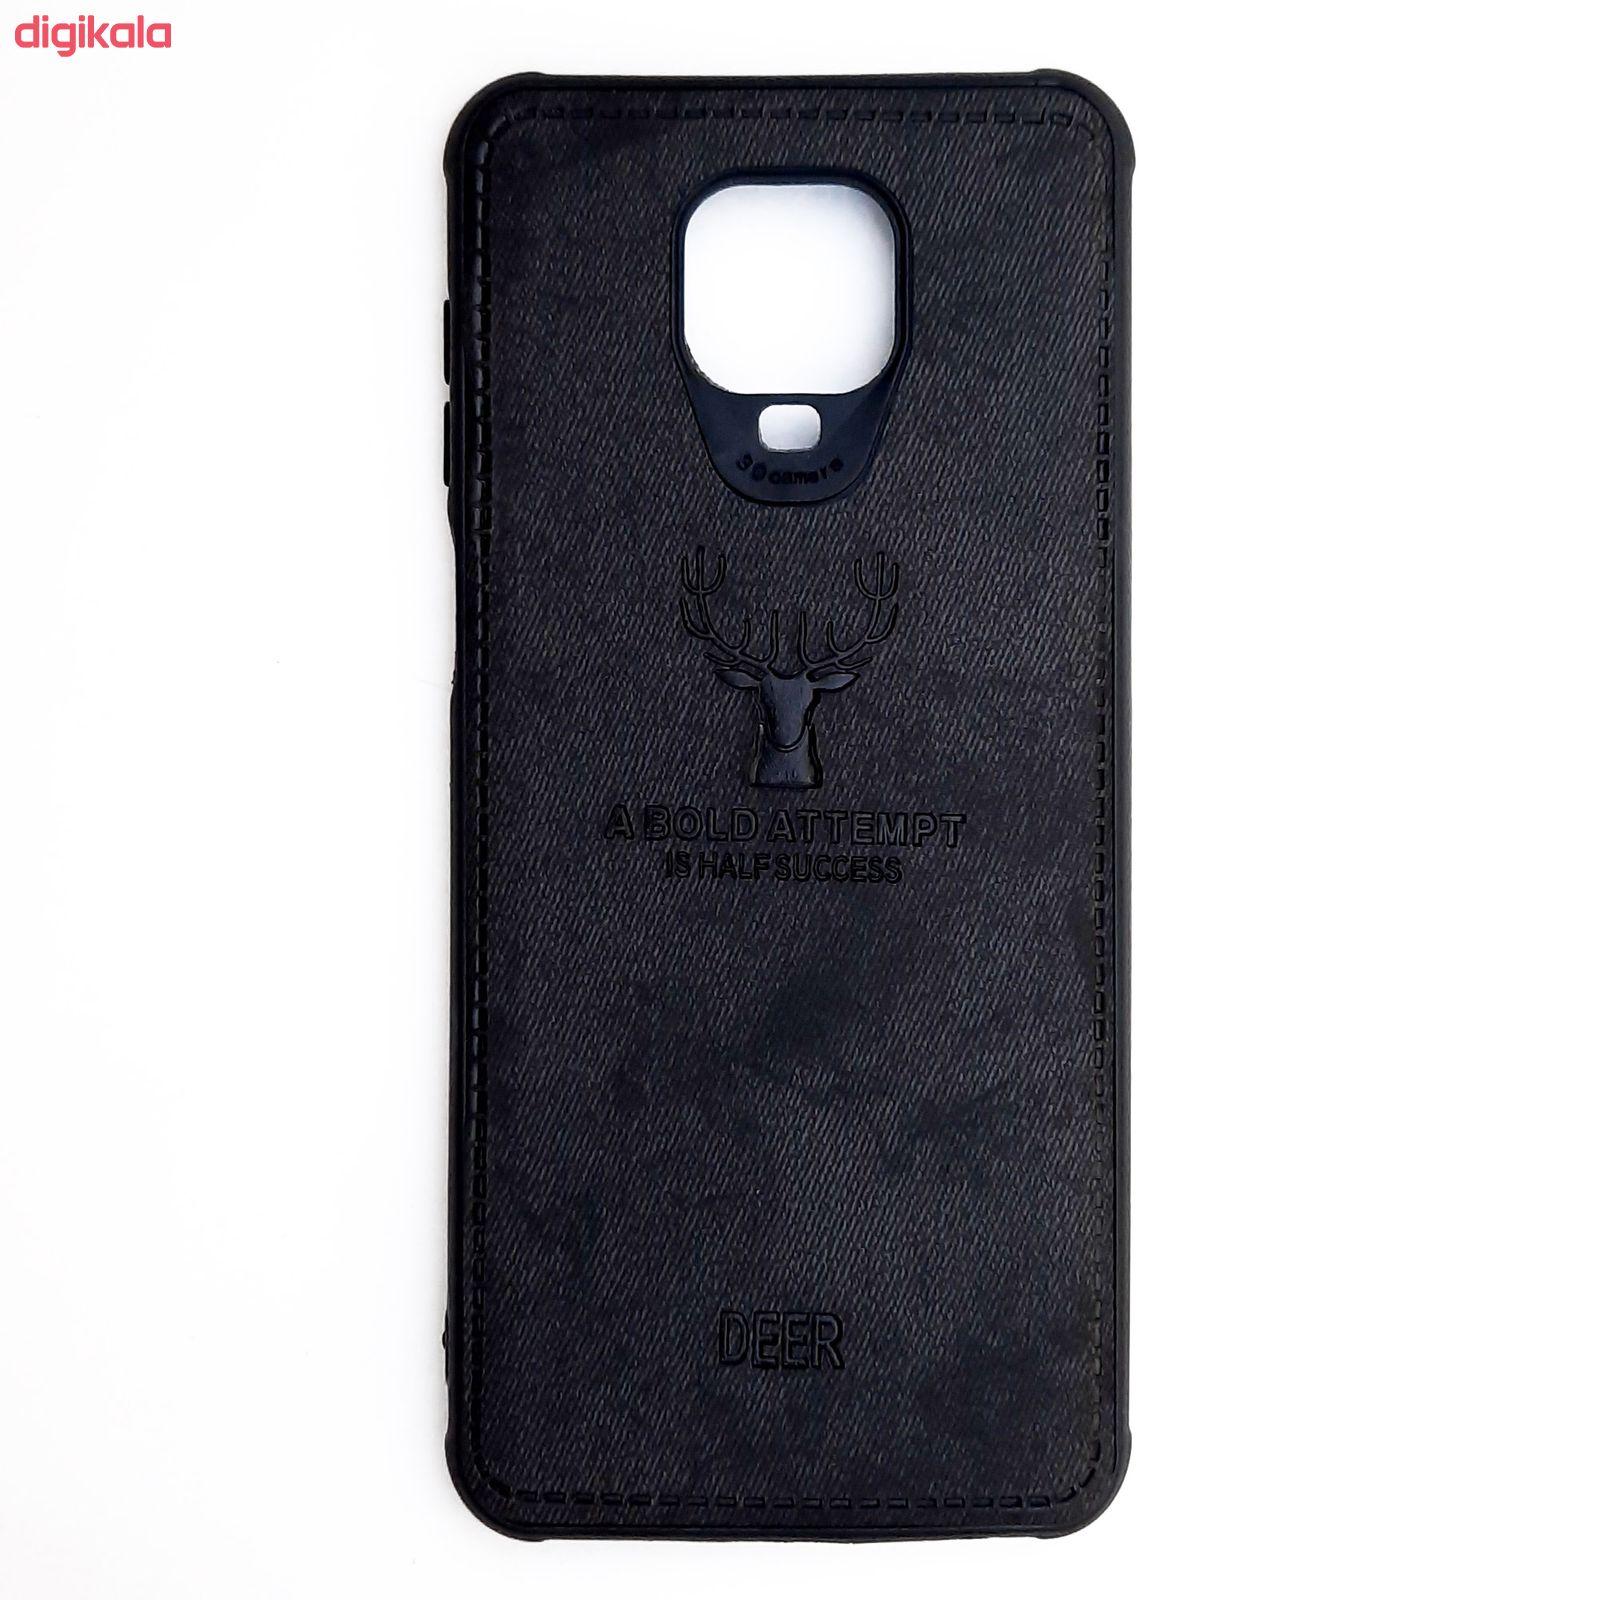 کاور مدل CO510 طرح گوزن مناسب برای گوشی موبایل شیائومی Redmi Note 9S / Note 9 Pro / Note 9 Pro Max main 1 7